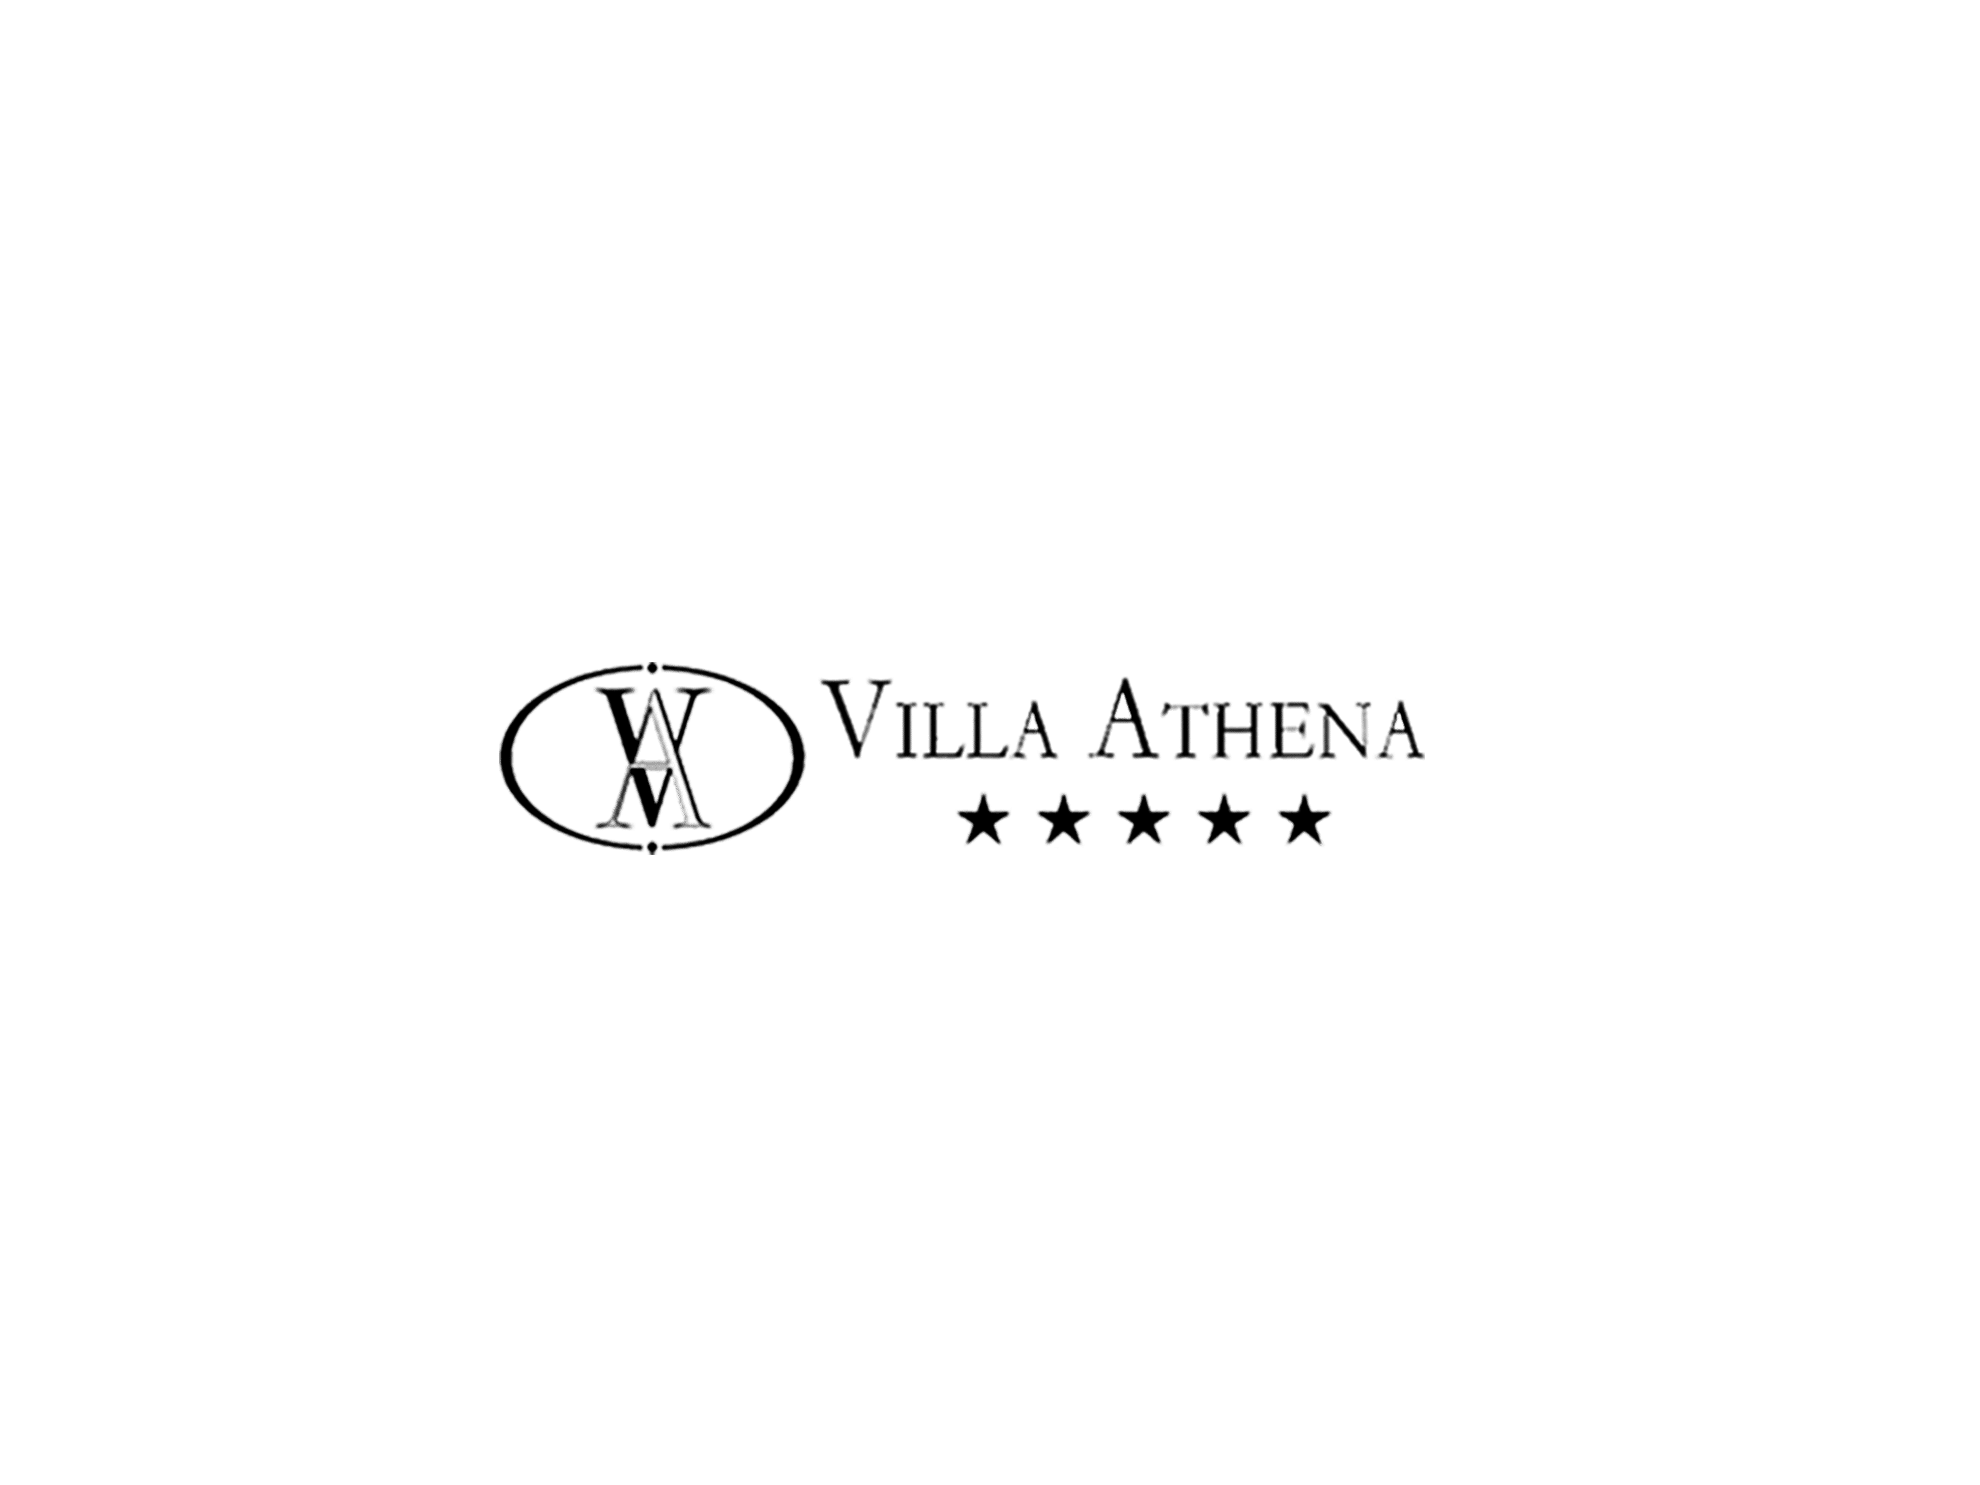 villa athena - email - agenzia comunicazione